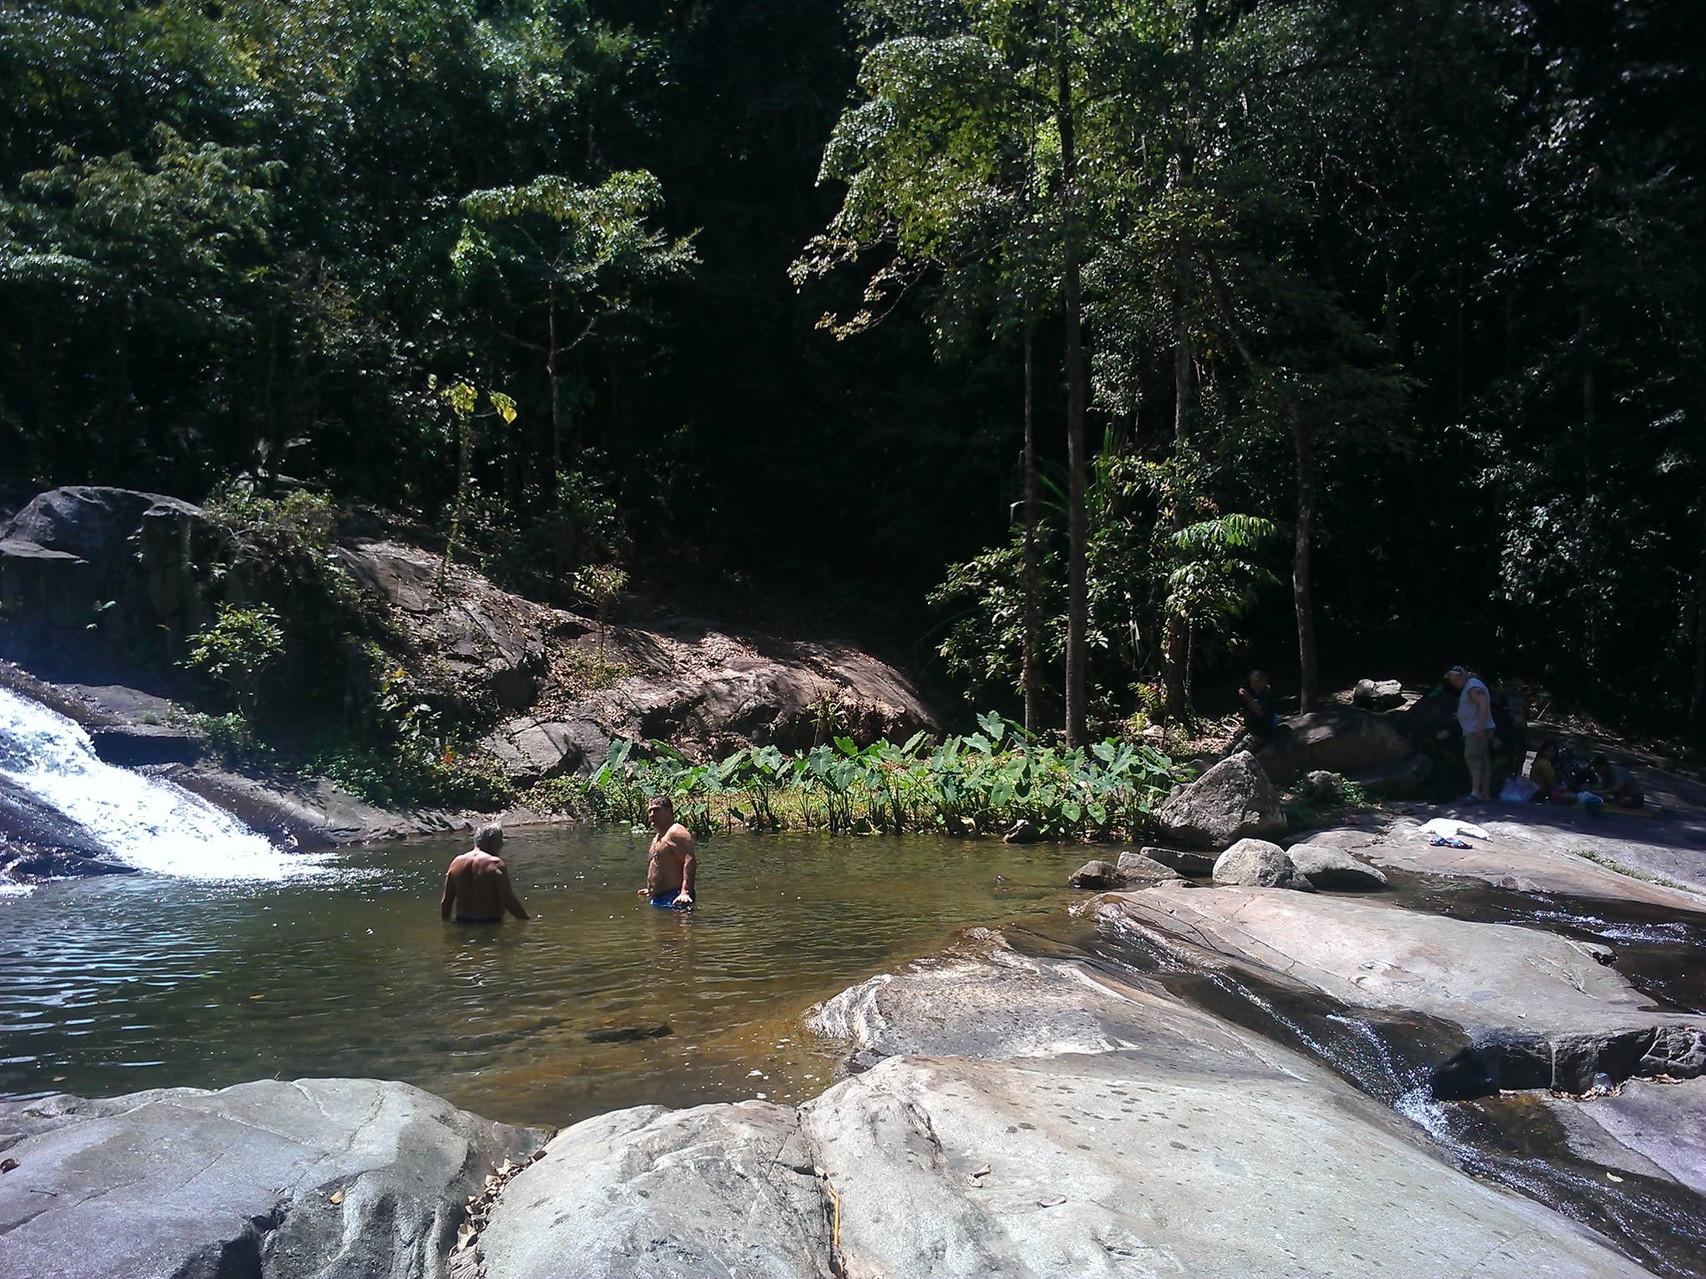 Eines der vielen Wasserfall-Becken welches zum baden einlädt